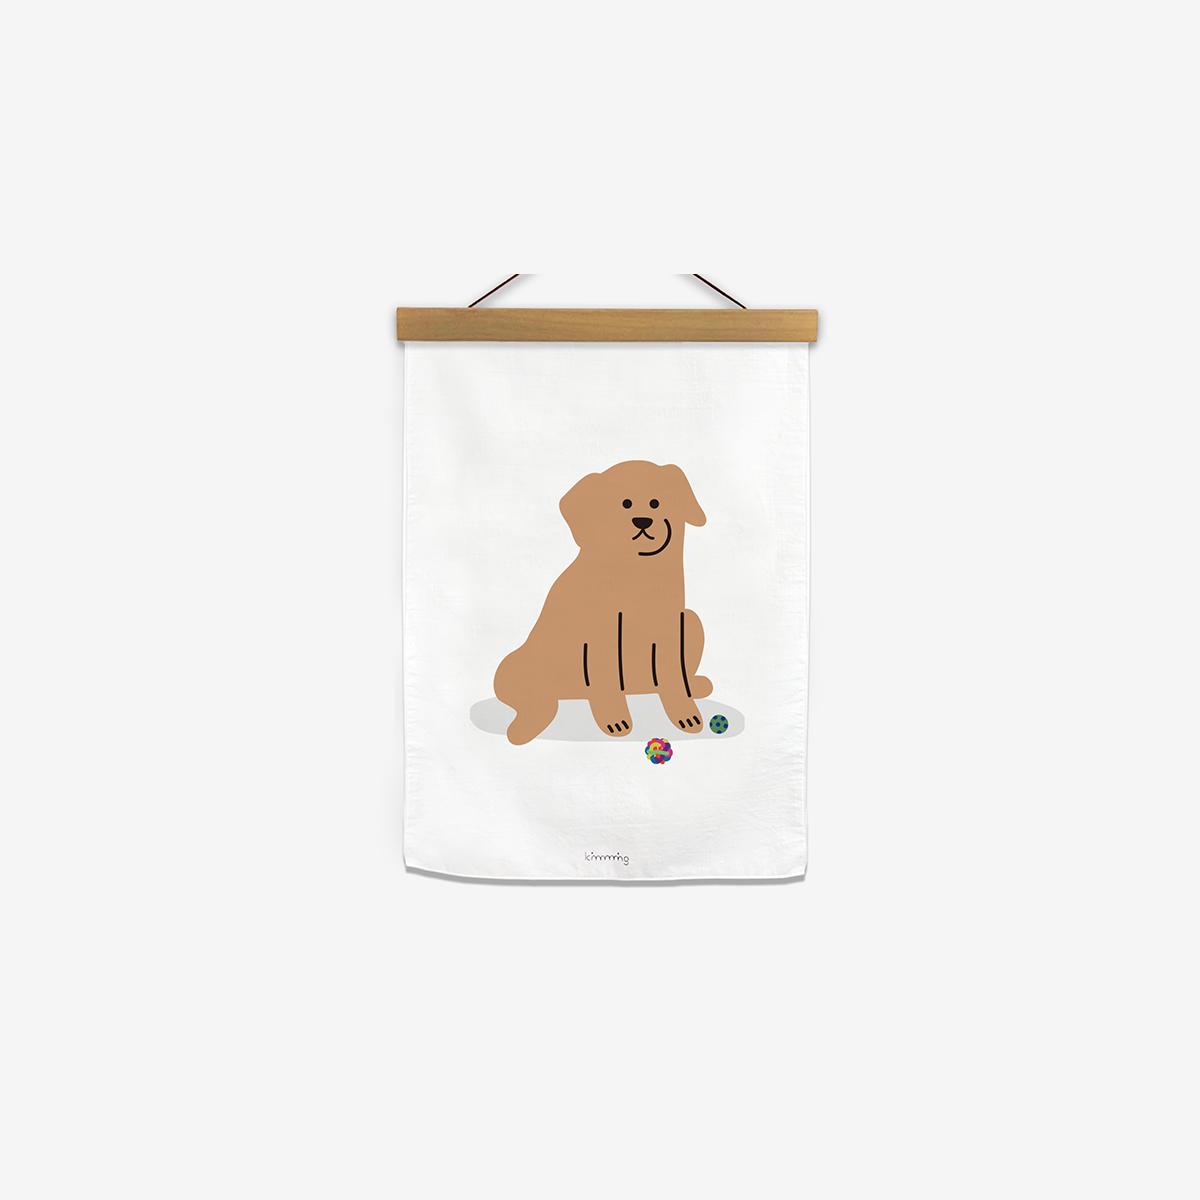 [킴밍스튜디오] LAZY DAY fabric poster